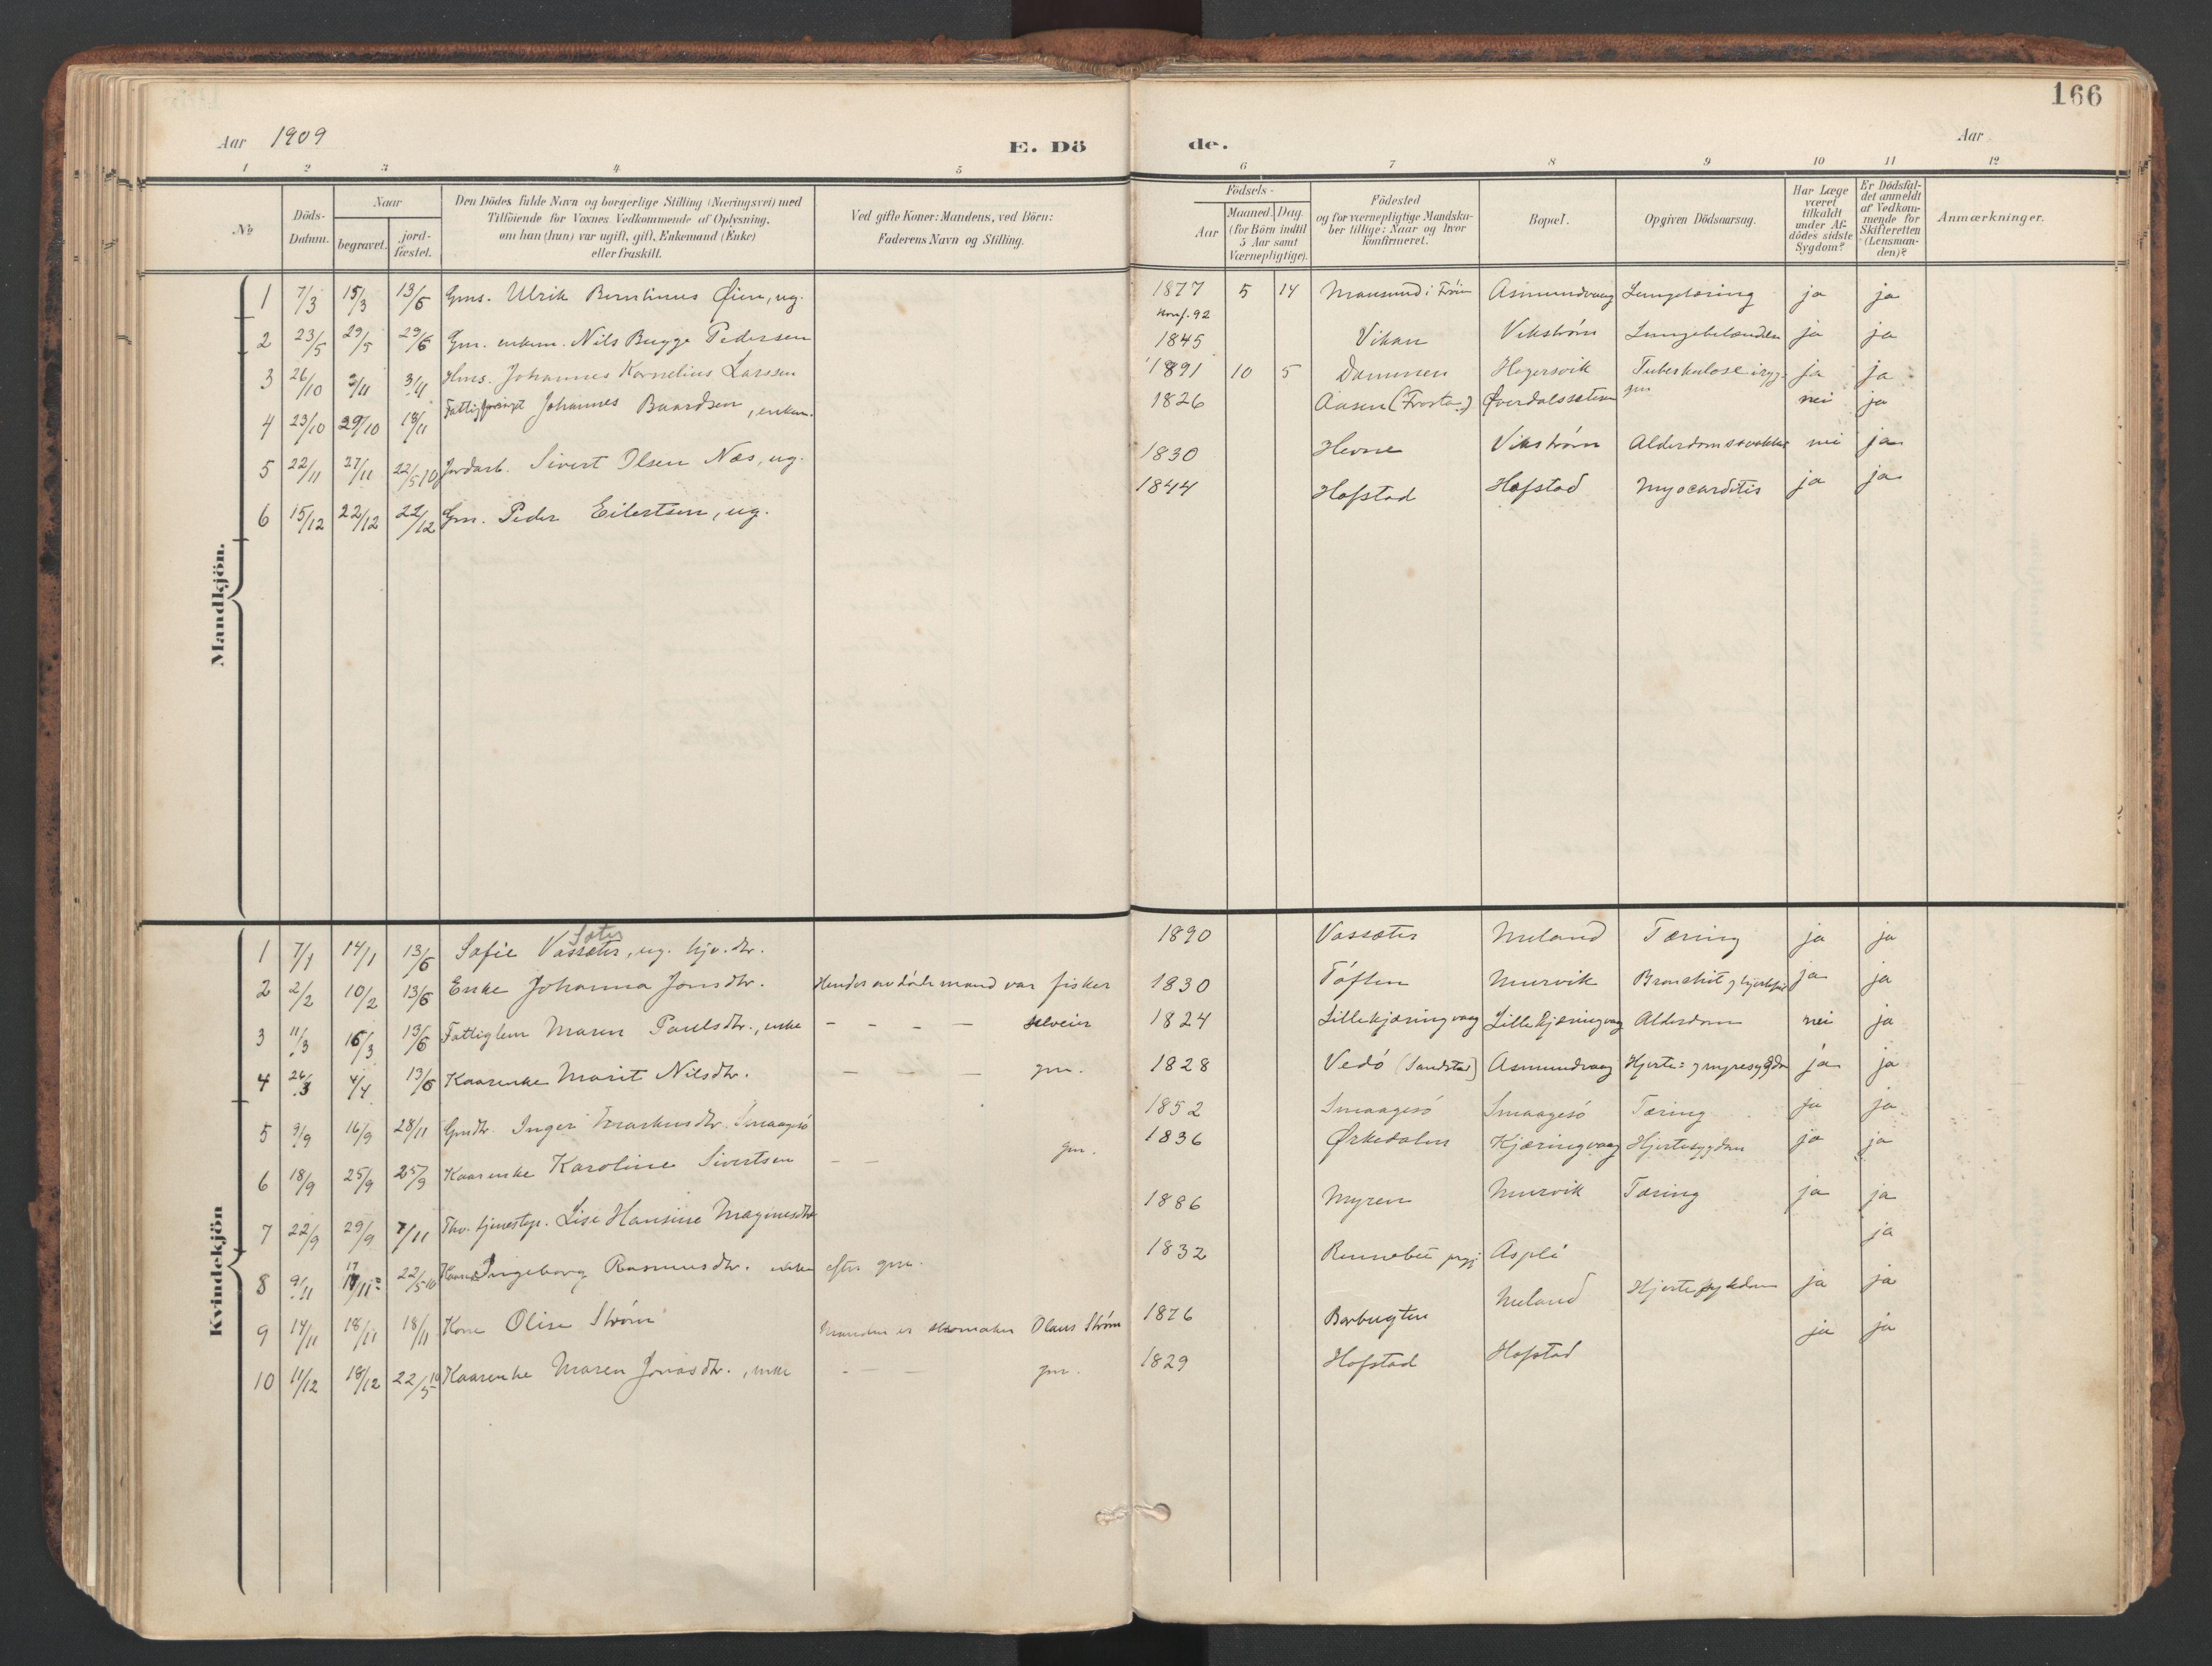 SAT, Ministerialprotokoller, klokkerbøker og fødselsregistre - Sør-Trøndelag, 634/L0537: Ministerialbok nr. 634A13, 1896-1922, s. 166